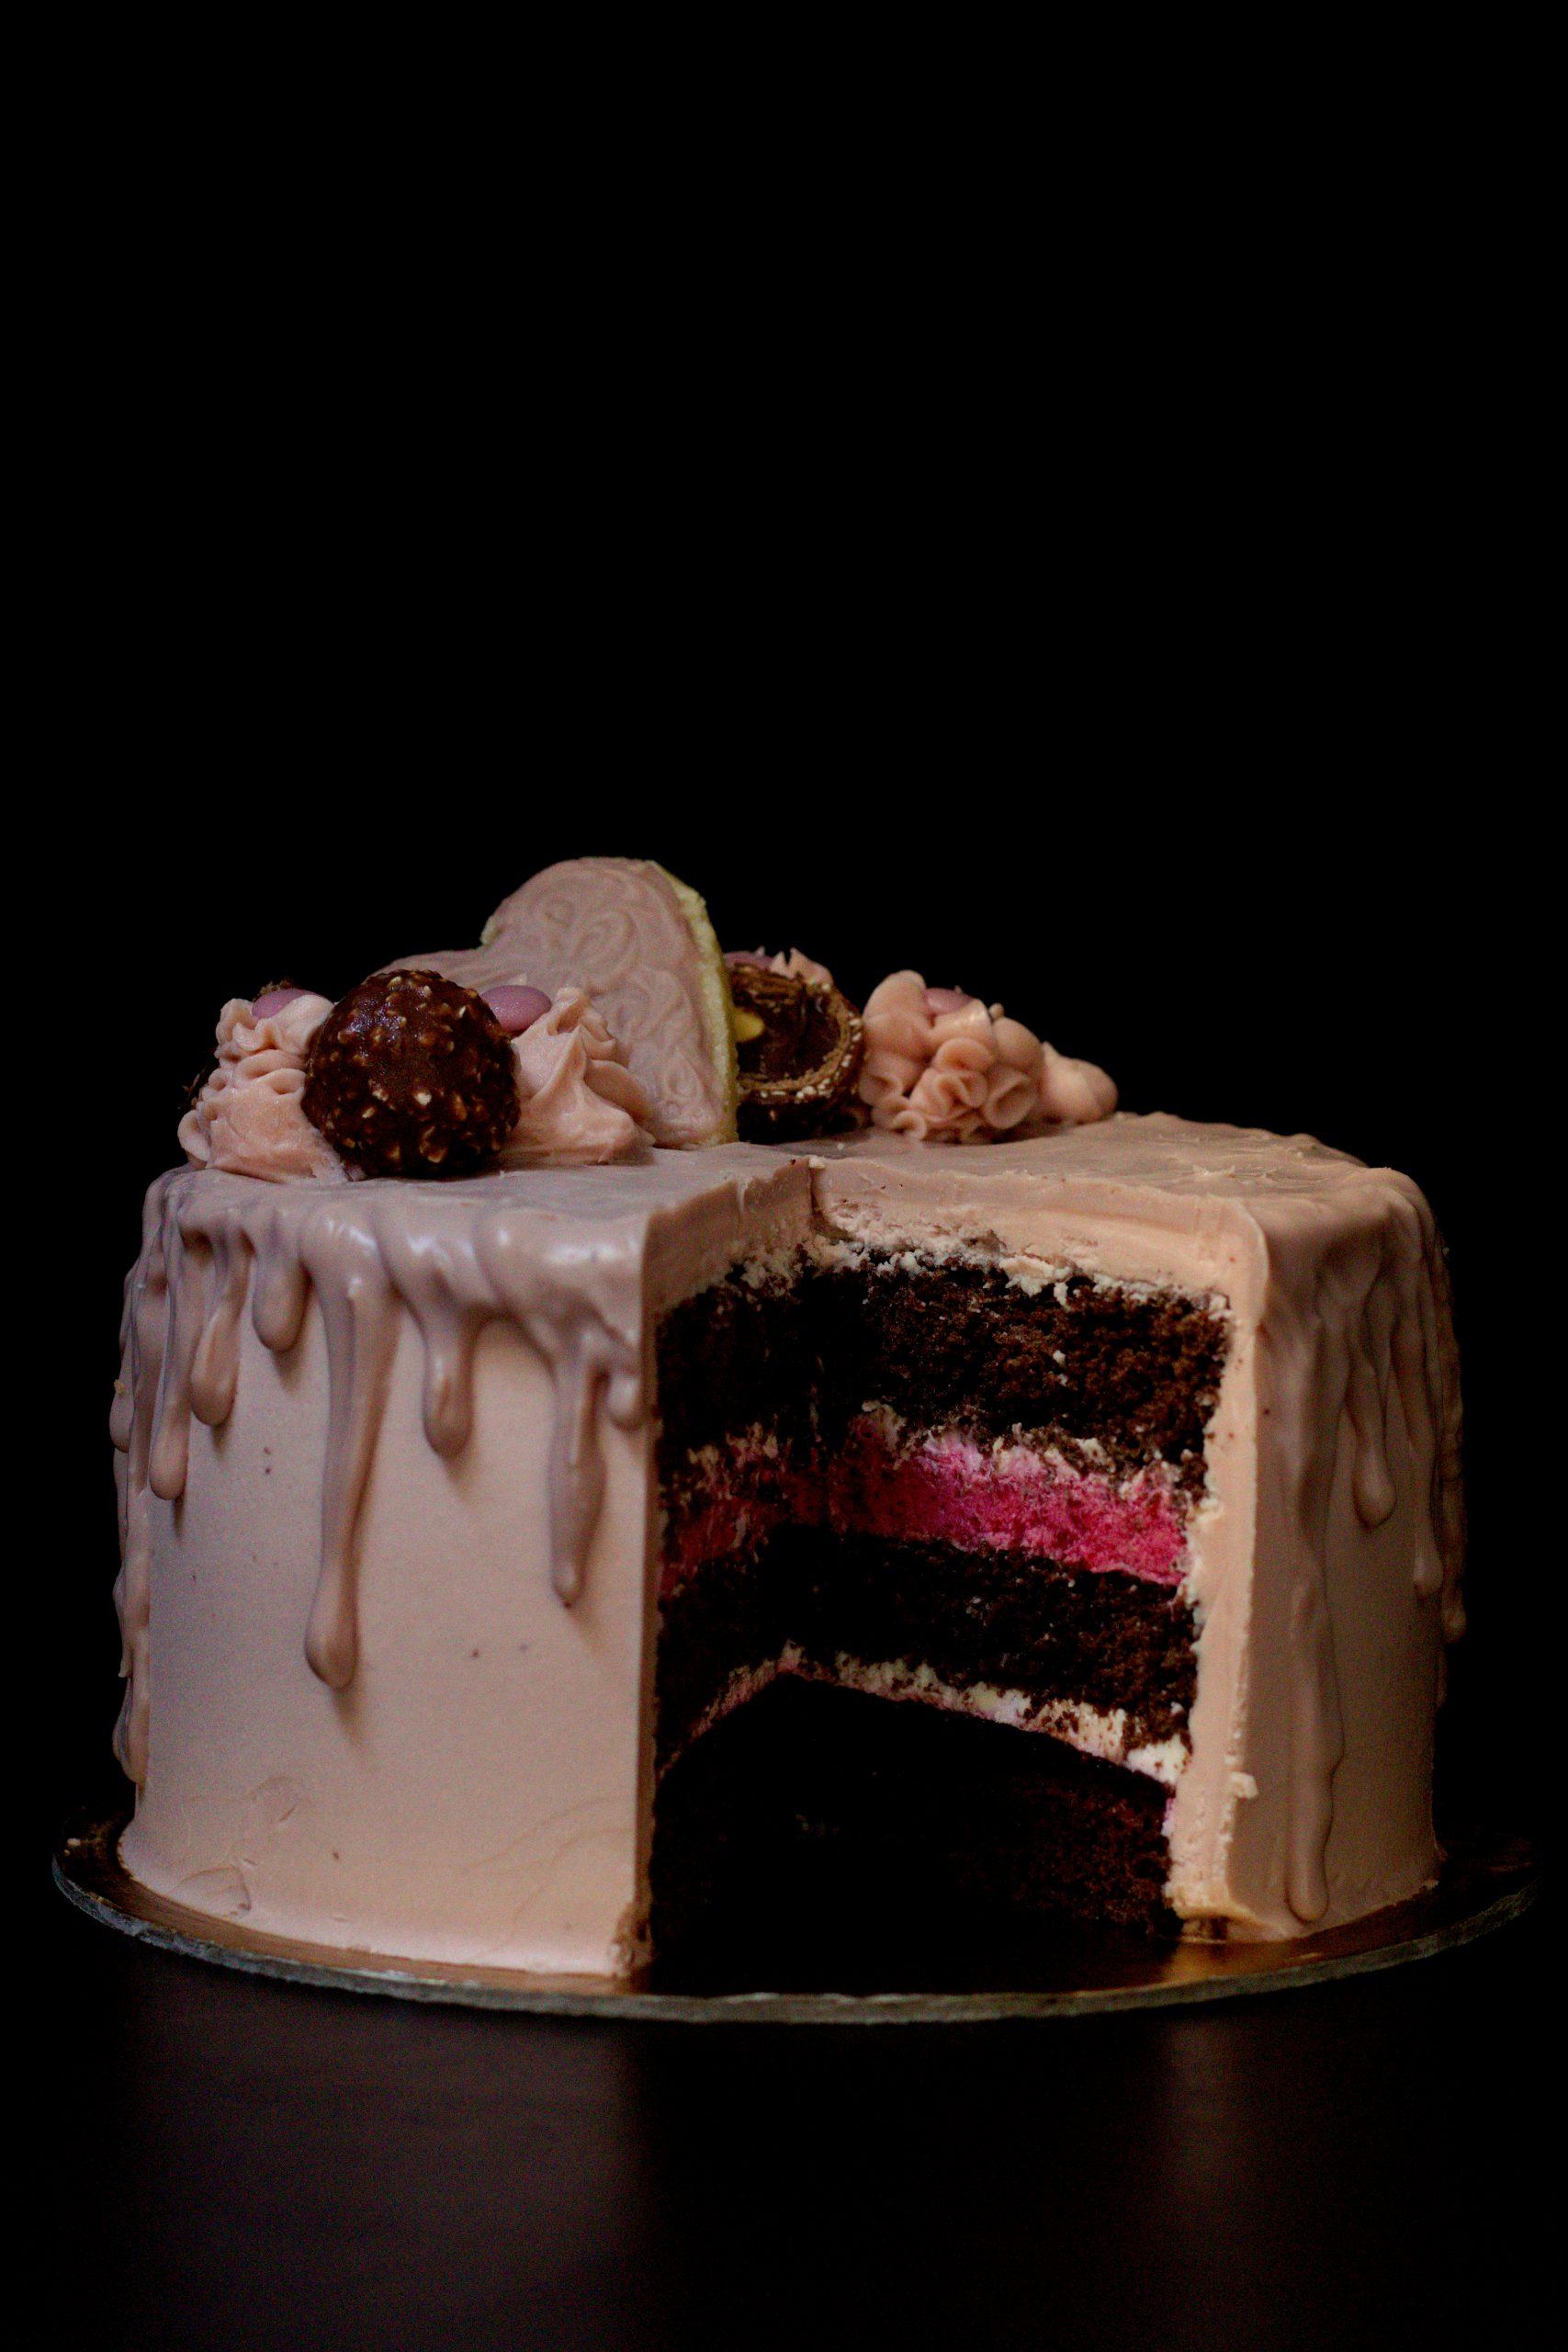 Tort malinowy z naturalną, różową czekoladą